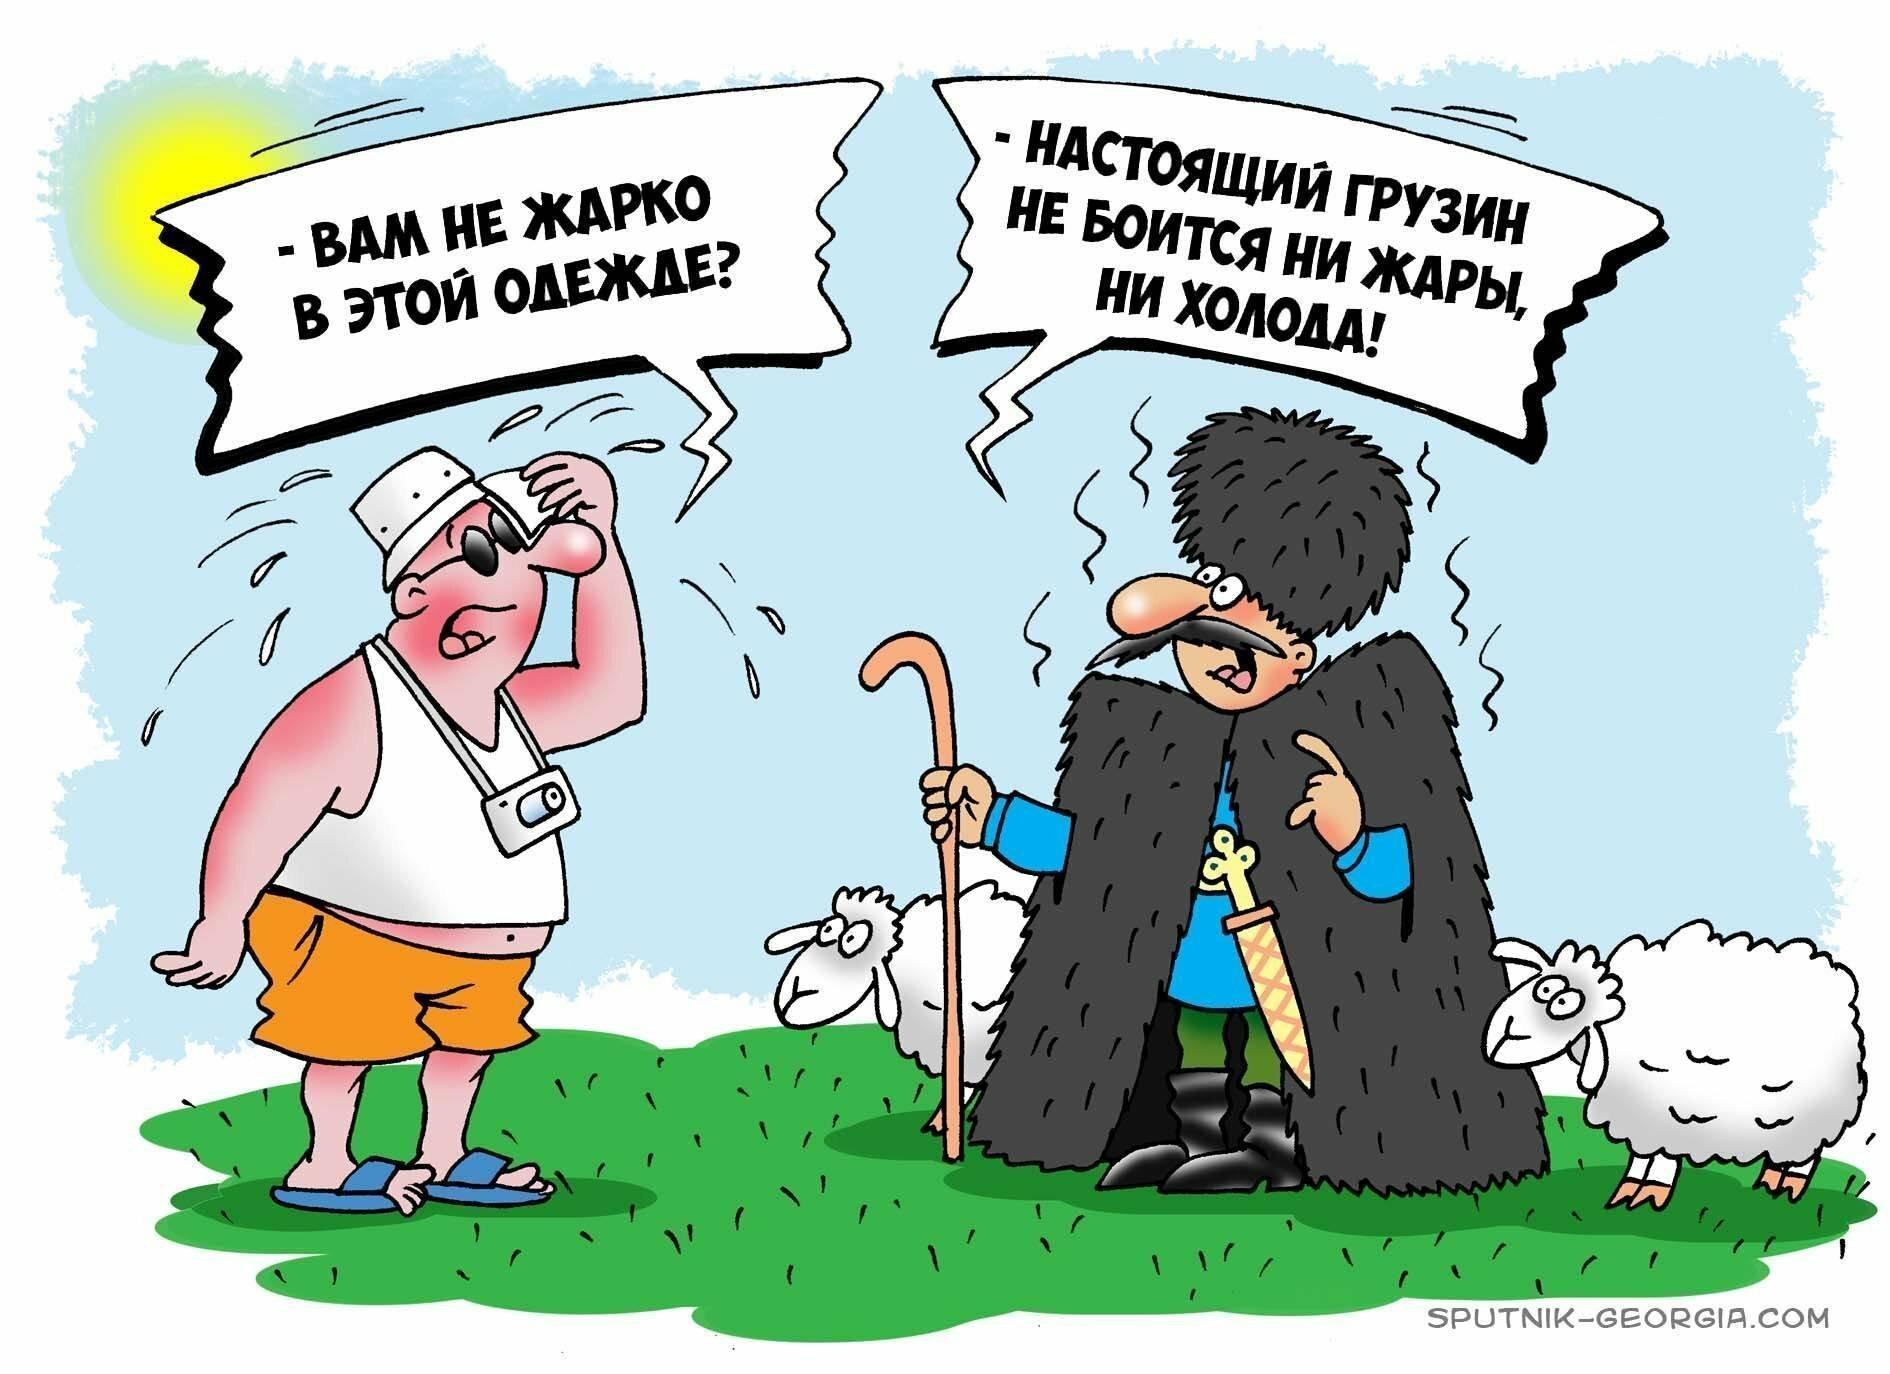 Картинки грузинский юмор